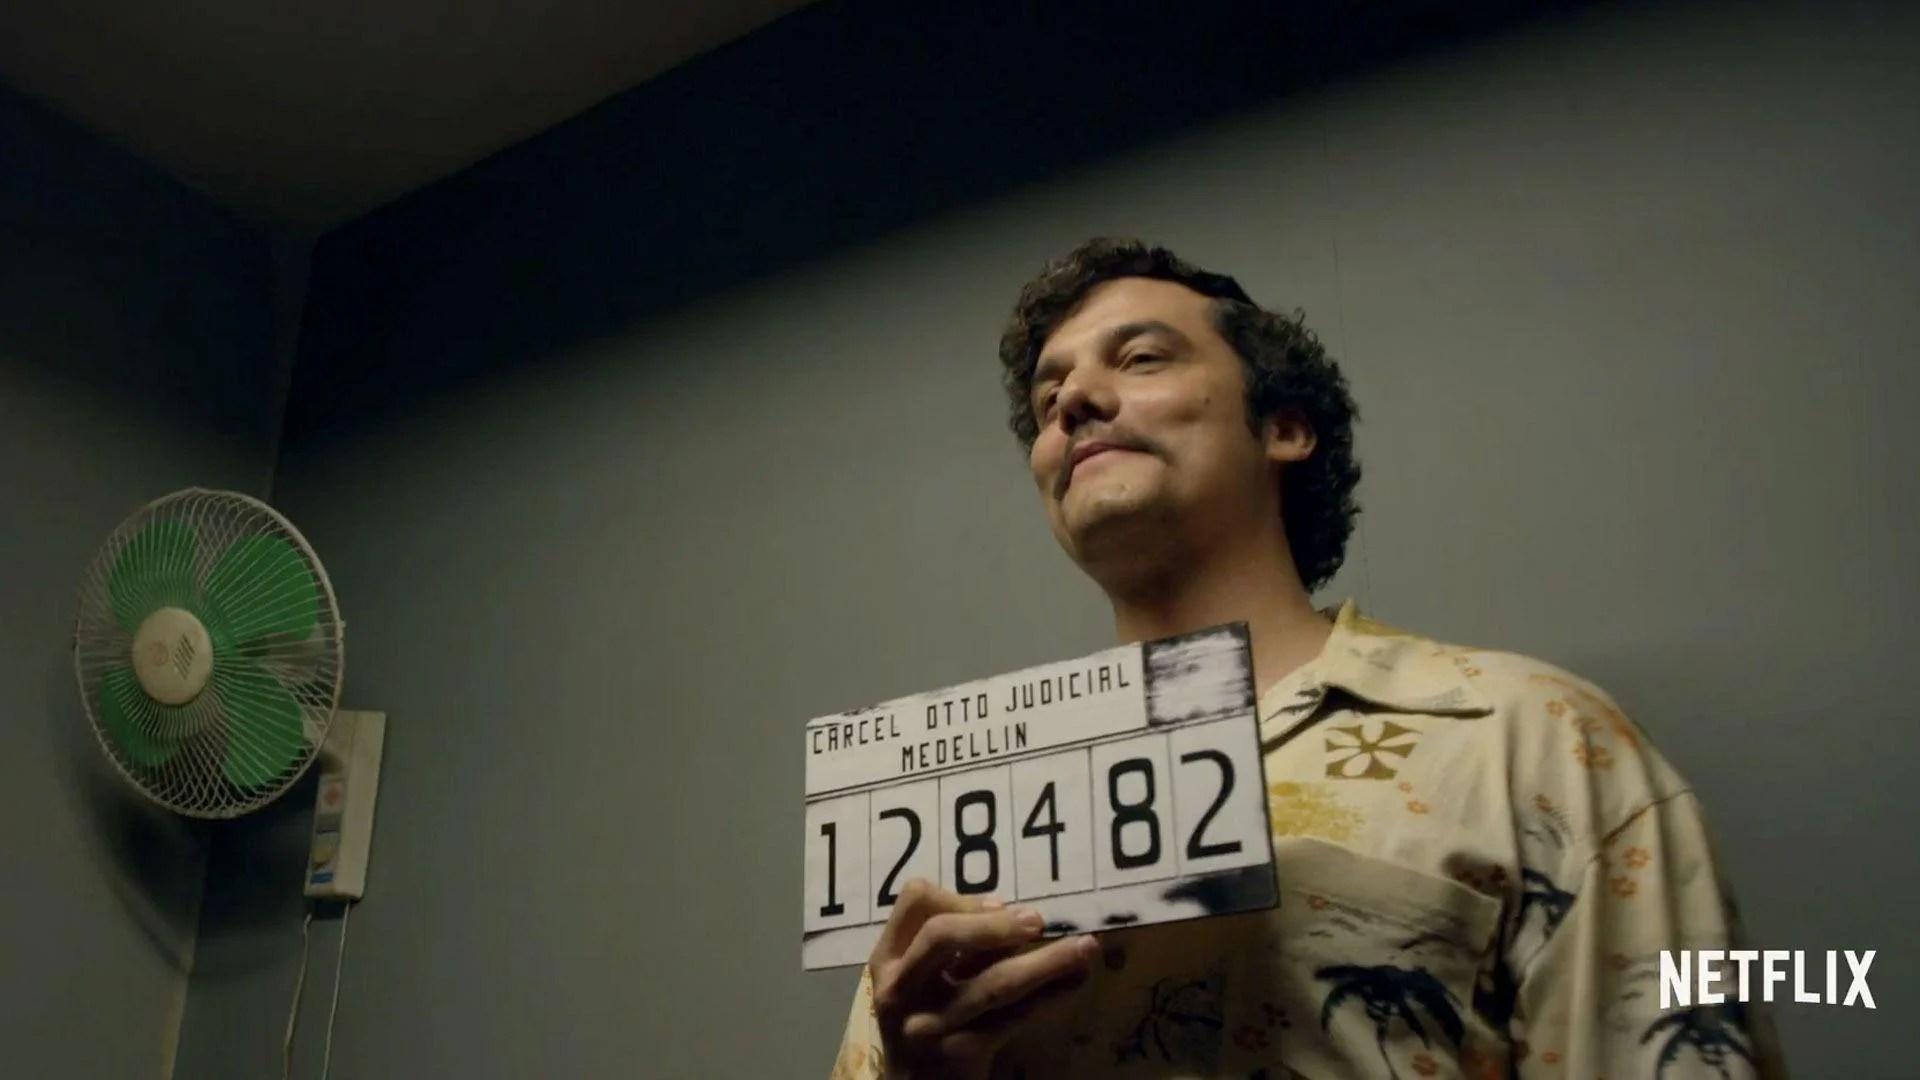 Pablo Escobar Quotes Wallpaper Narcos Wallpapers Wallpaper Cave